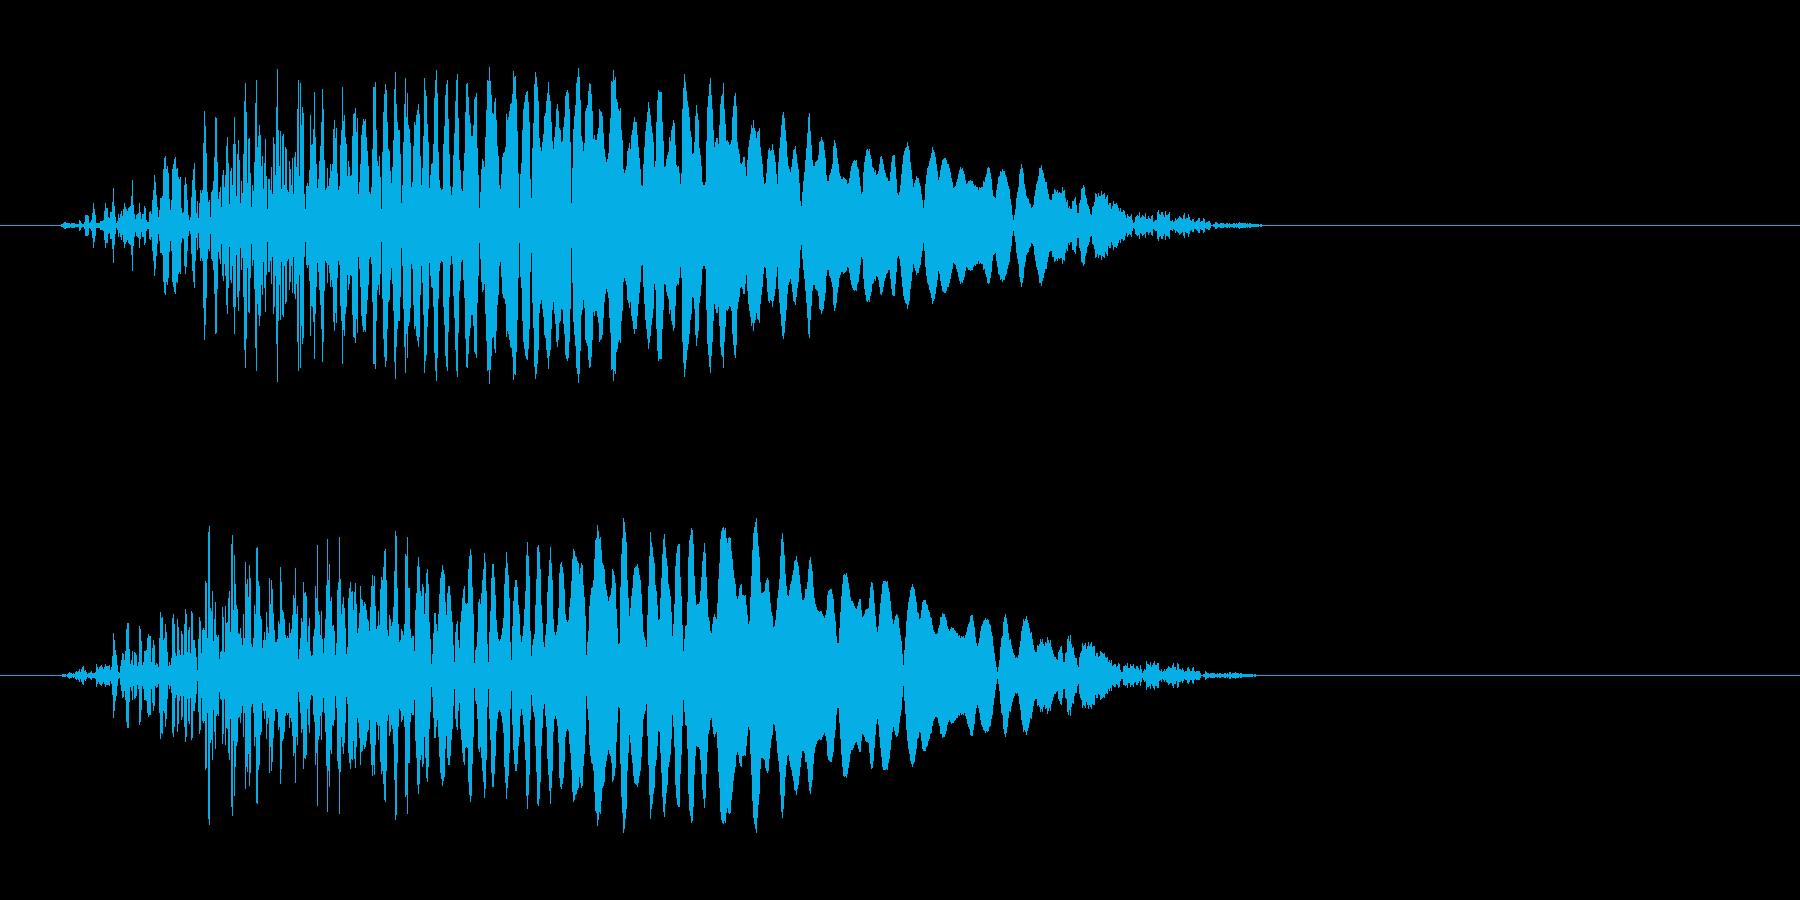 ピュー(何かが飛び出した音)の再生済みの波形